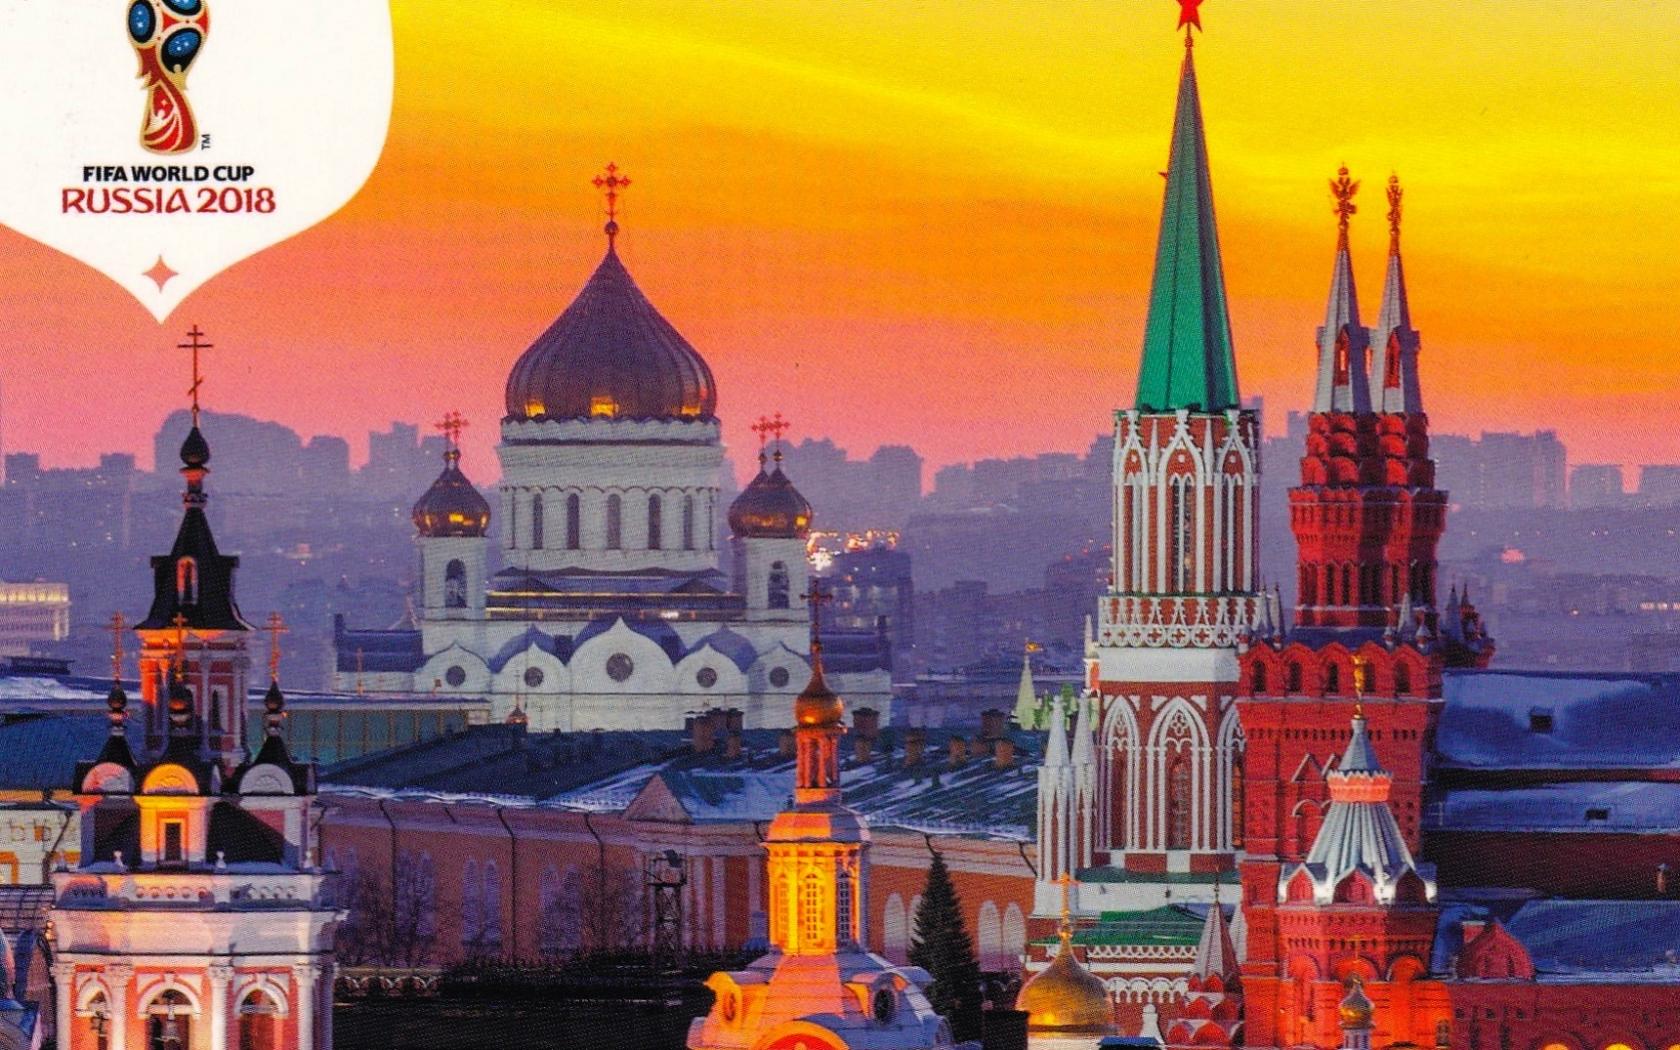 Rusia 2018 - 1680x1050